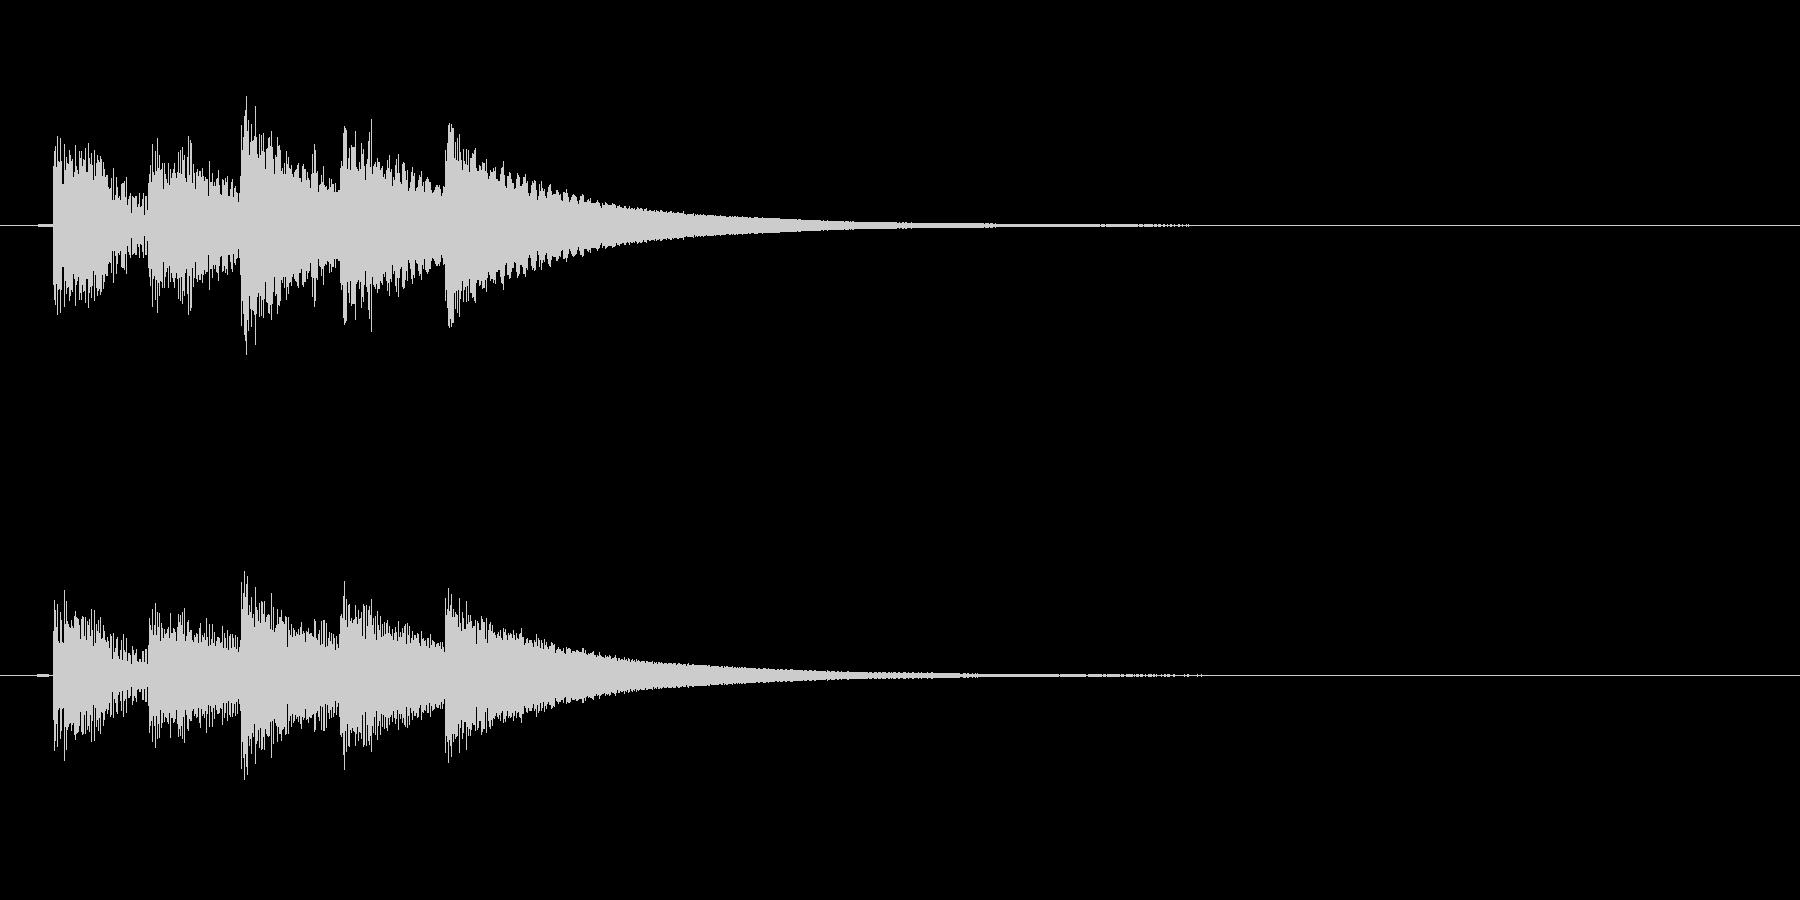 ドラム、トム、タイプB、中程度のバ...の未再生の波形